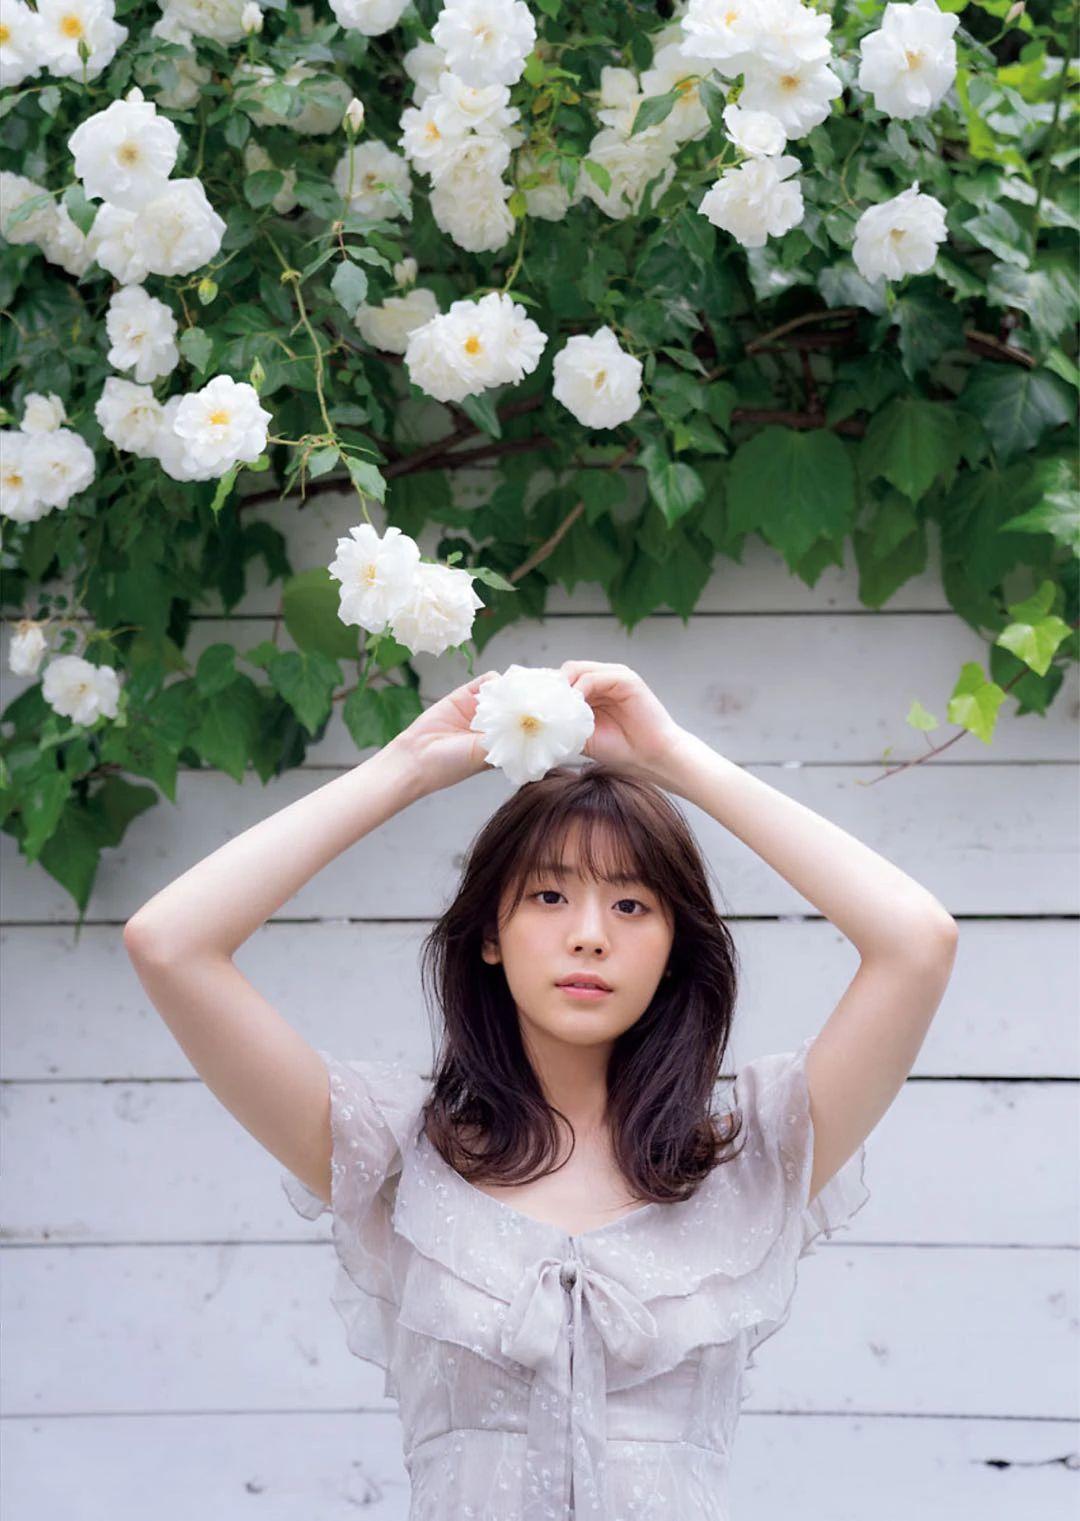 甜美无比的天气女郎贵岛明日香写真作品 (28)